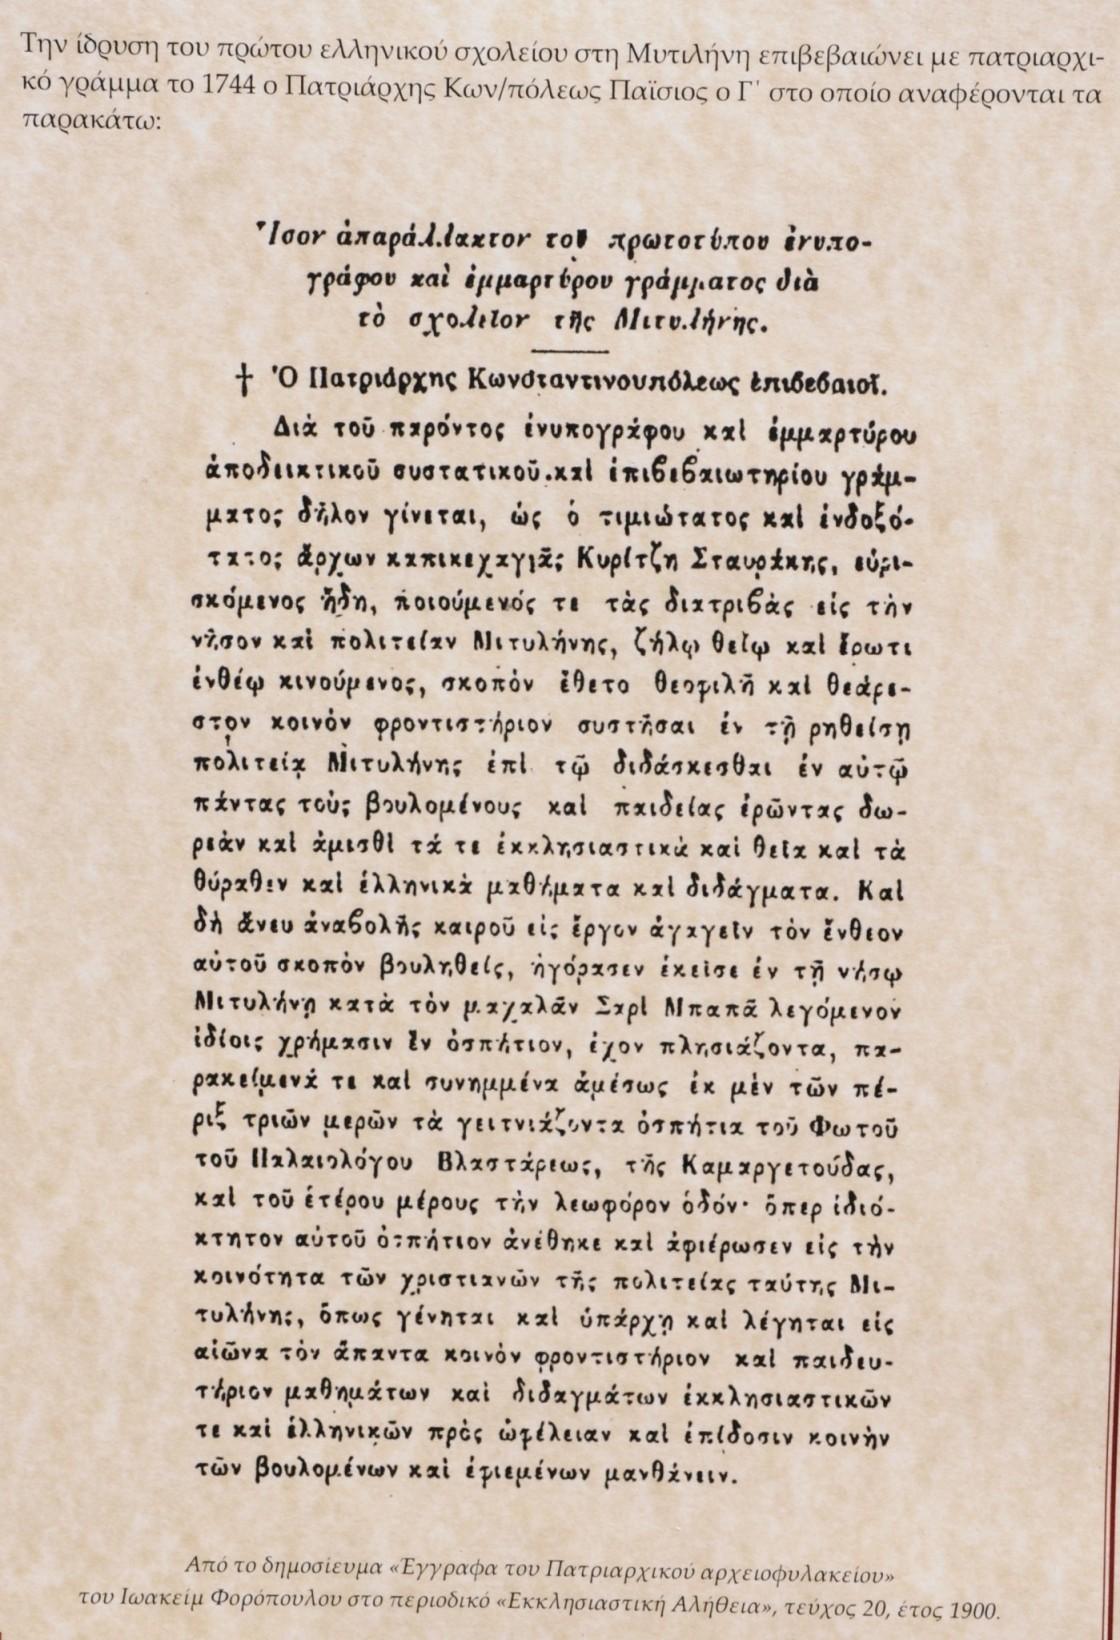 Πατριαρχικό γράμμα 1744